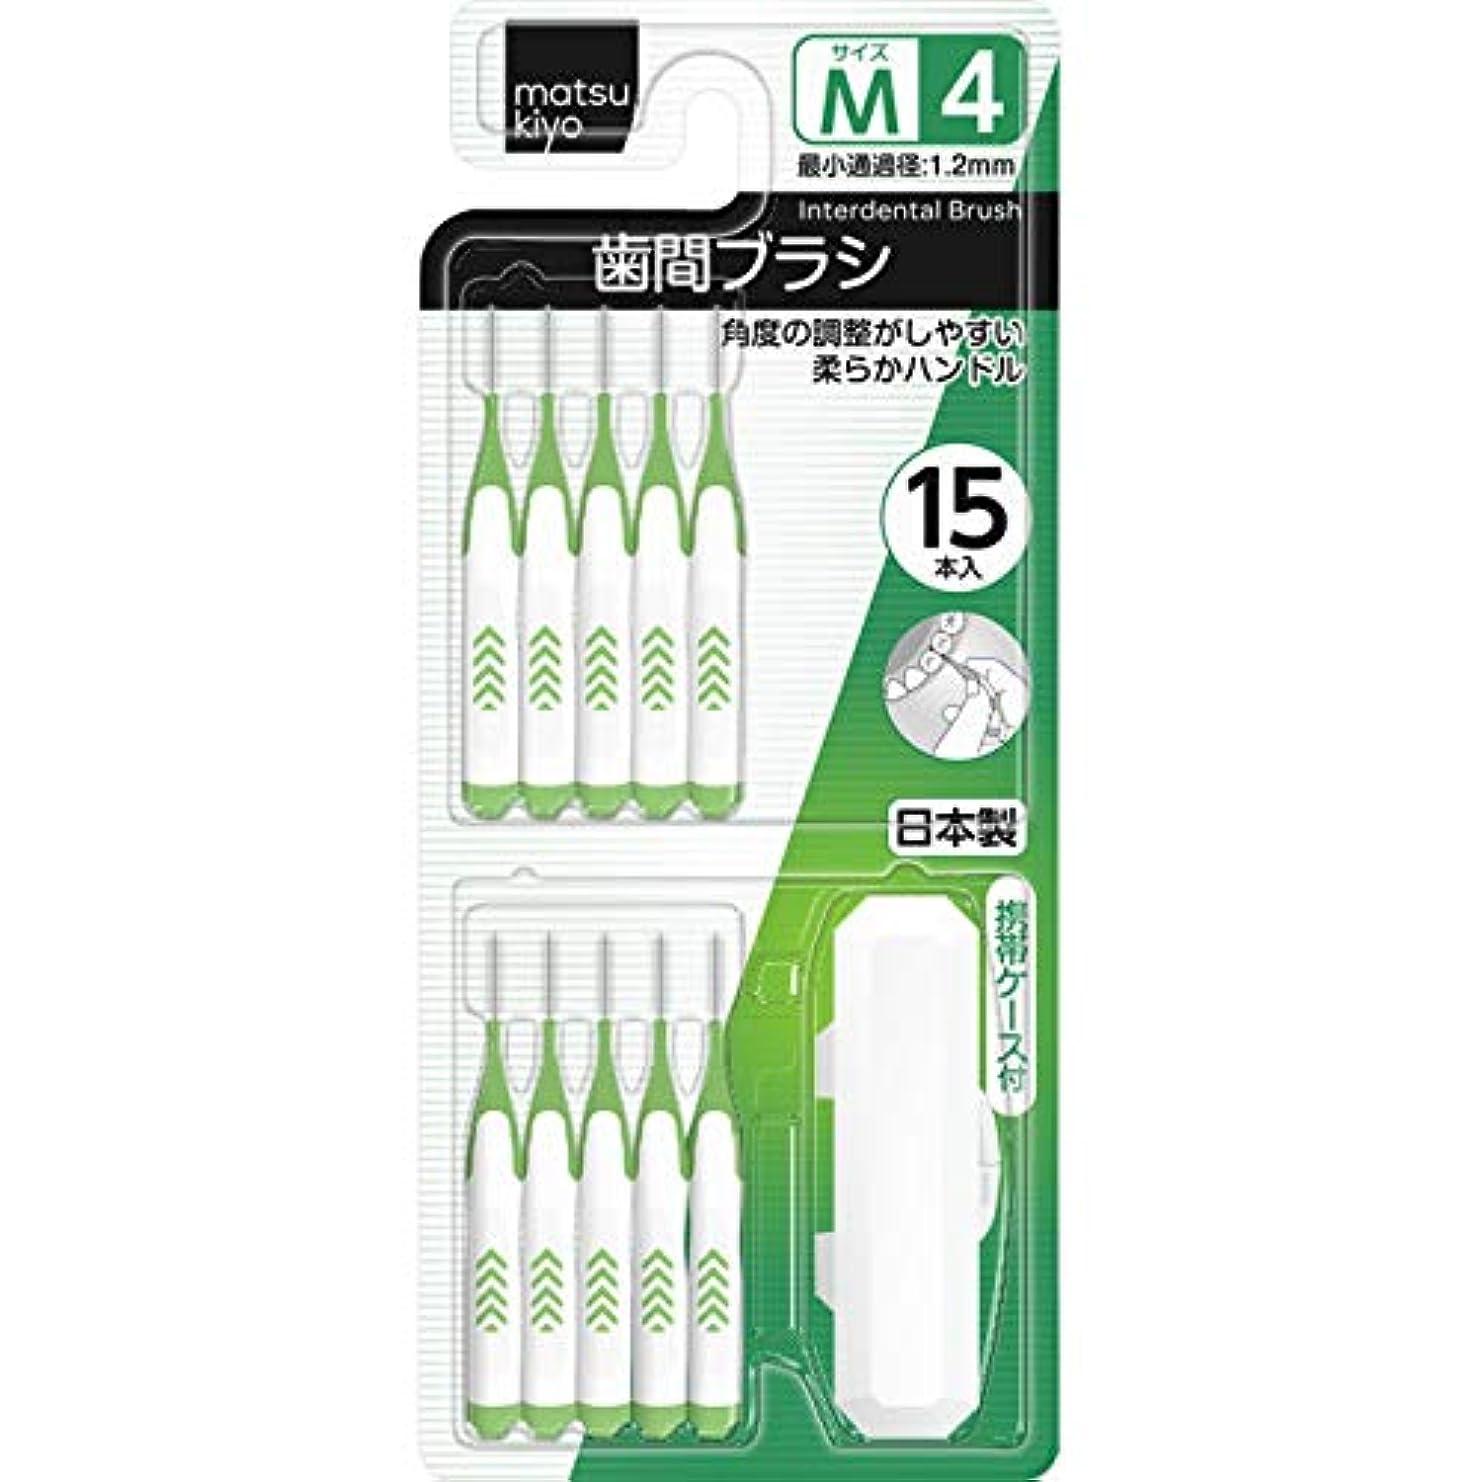 どのくらいの頻度でこっそりヒューム毅?インエグゼサプライ matsukiyo 歯間ブラシ サイズ4(M) 15本